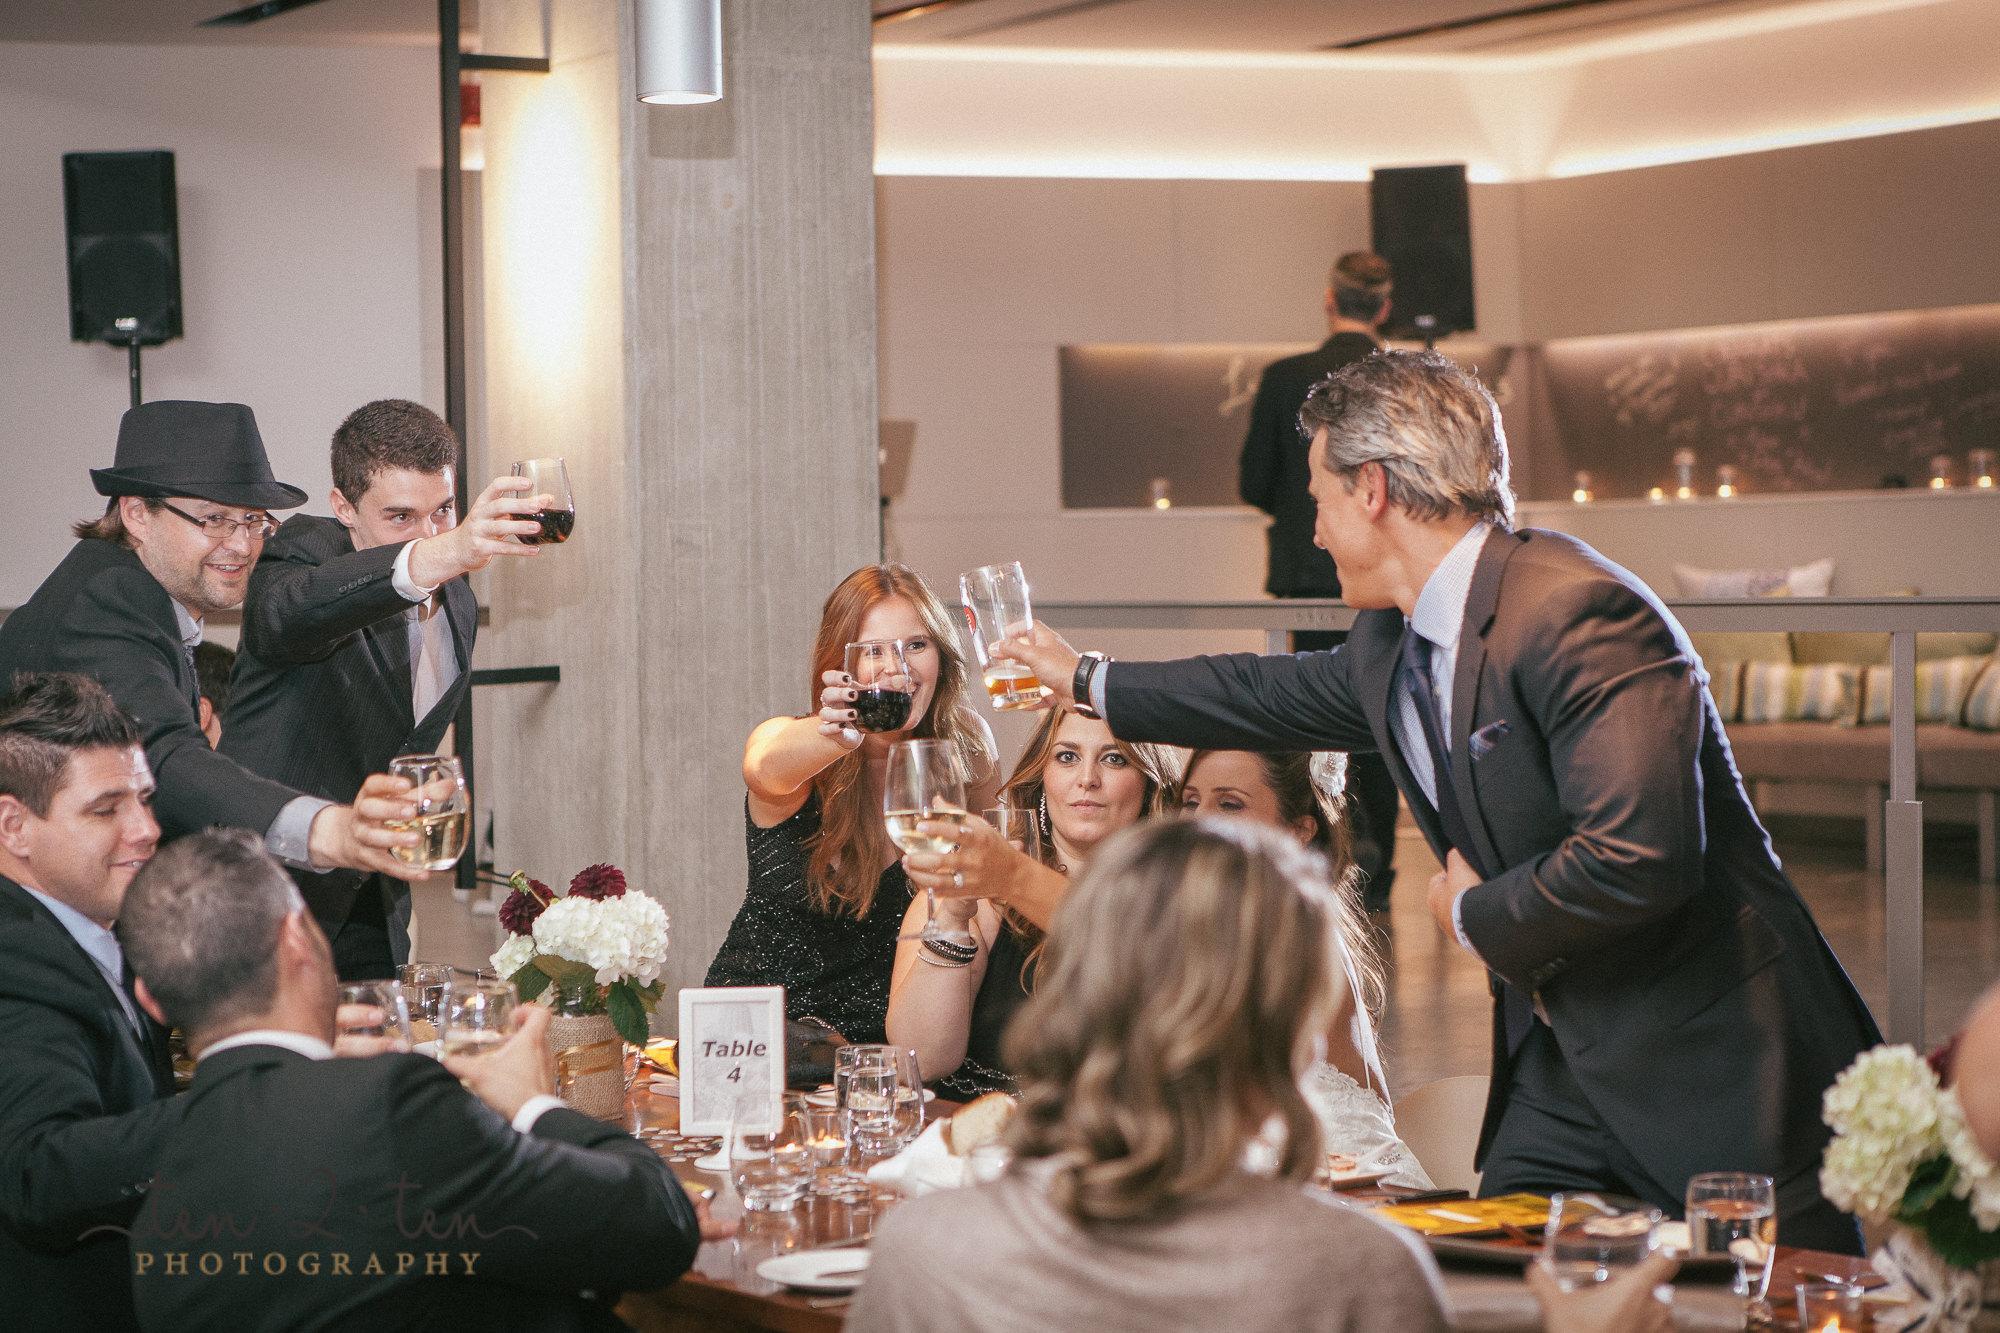 mildreds temple kitchen wedding photos 421 - Mildred's Temple Kitchen Wedding Photos